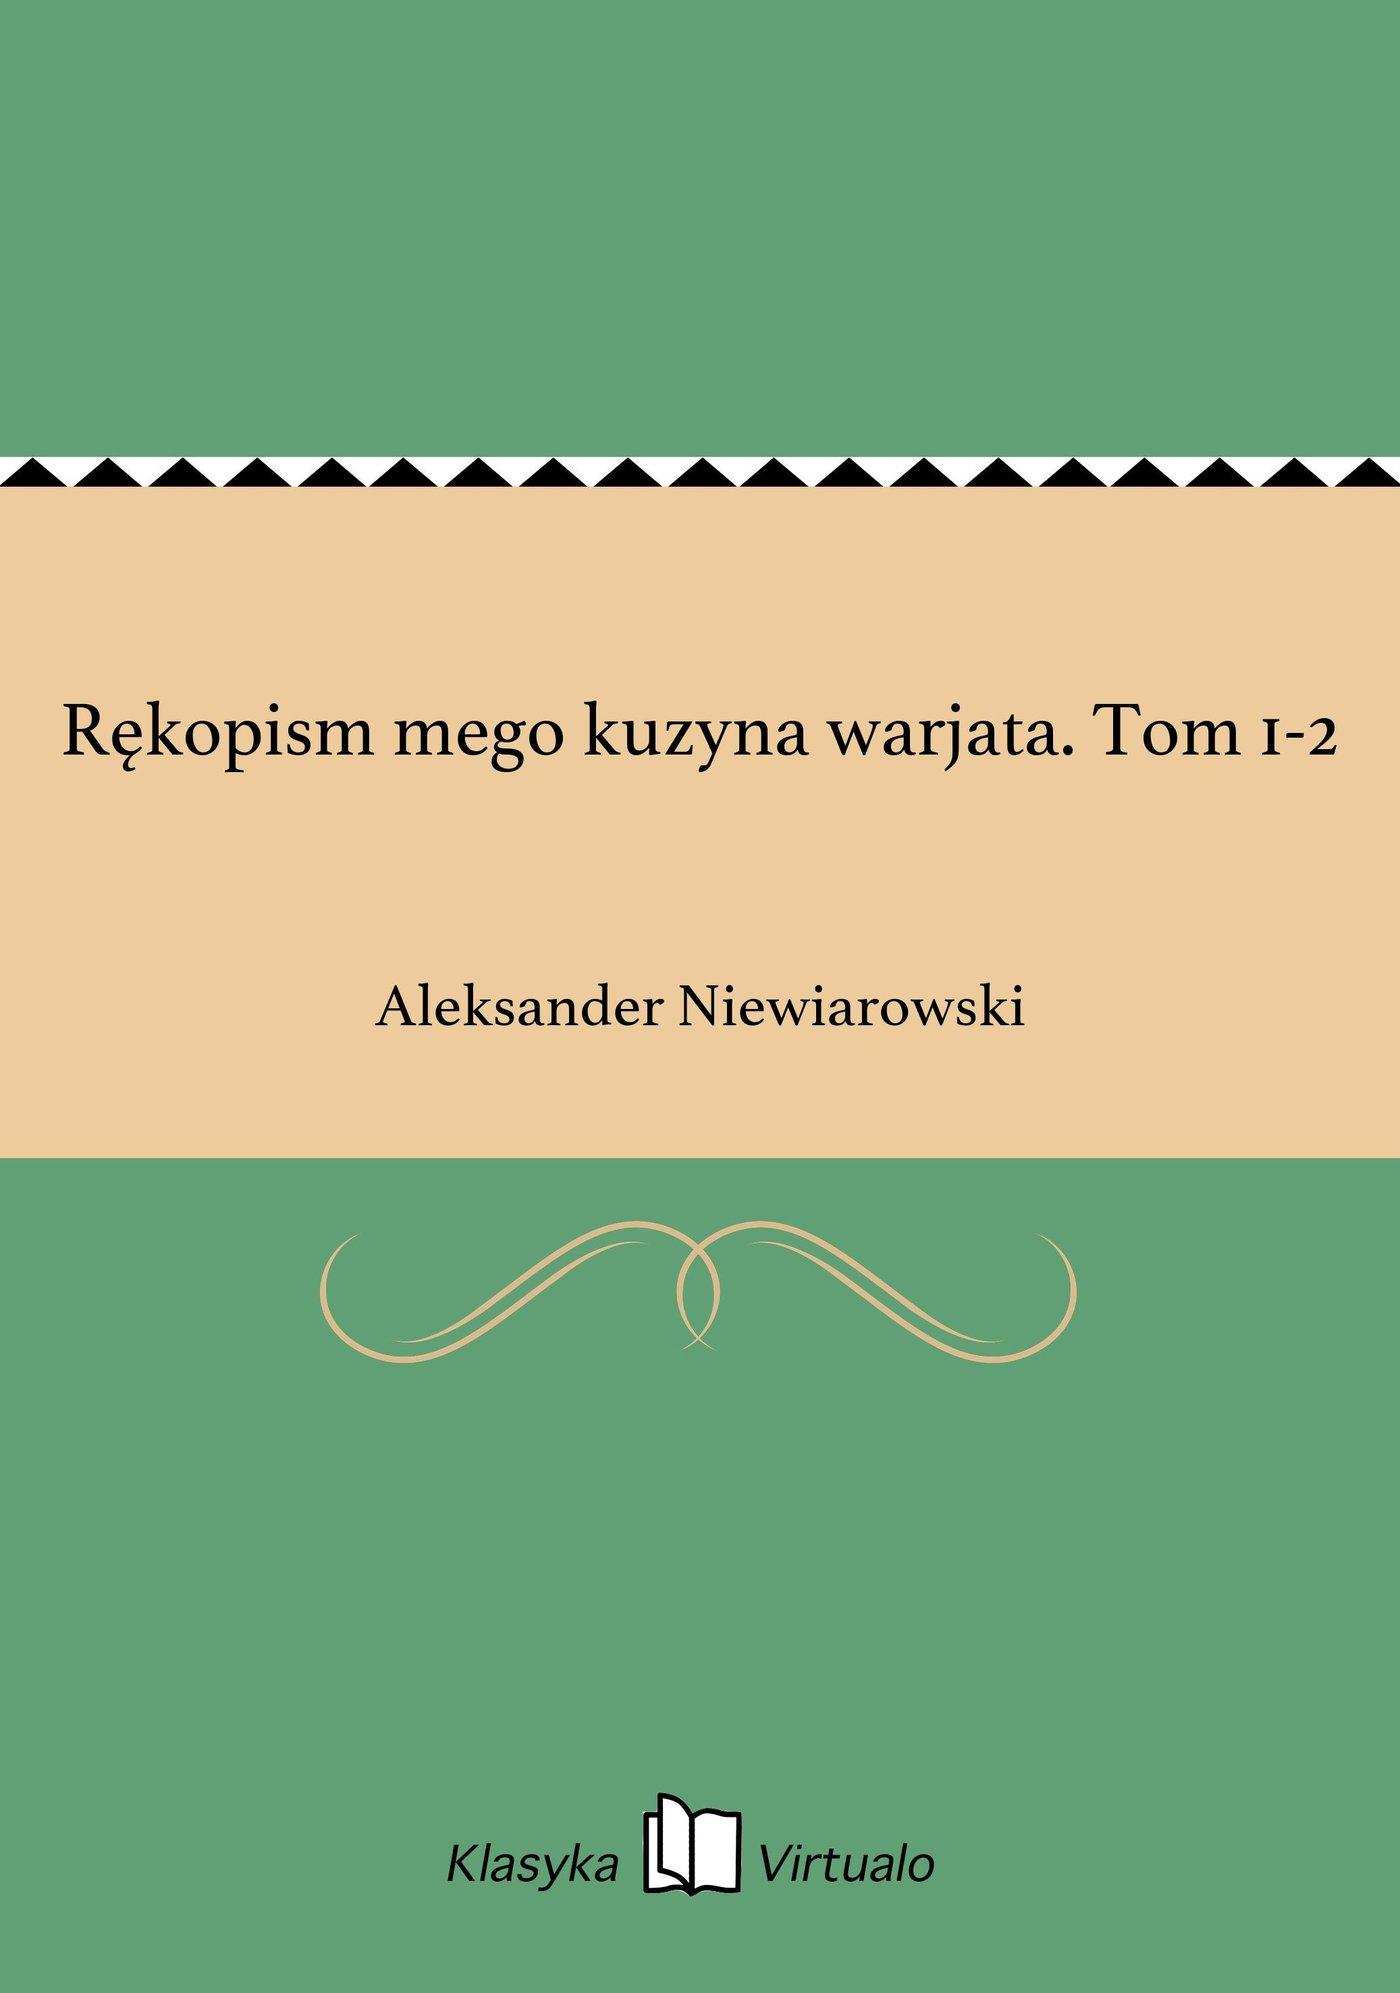 Rękopism mego kuzyna warjata. Tom 1-2 - Ebook (Książka EPUB) do pobrania w formacie EPUB